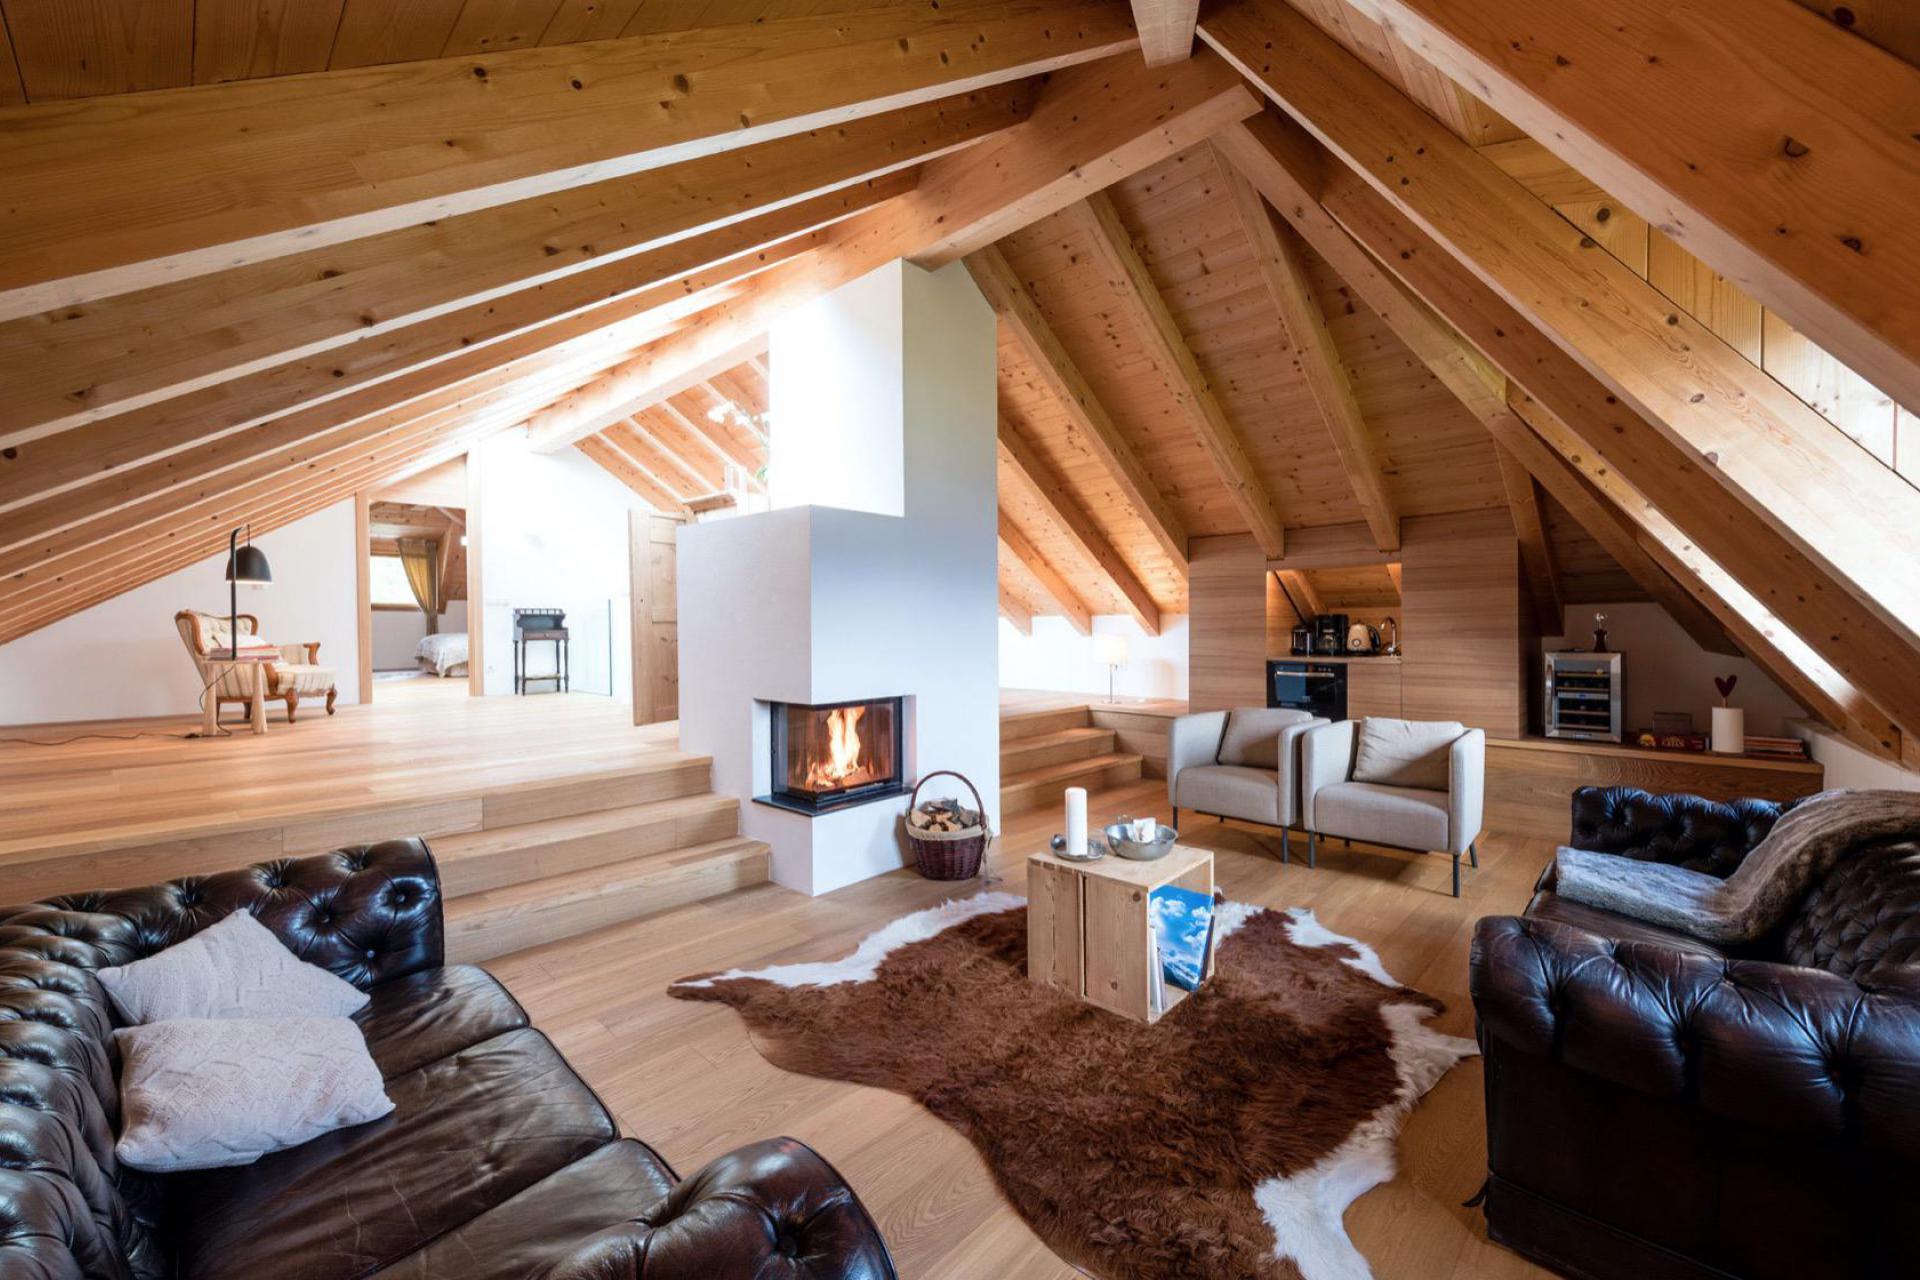 Agriturismo Dolomieten Sudtiroler gastvrijheid in een luxe agritursmo met kamers B&B